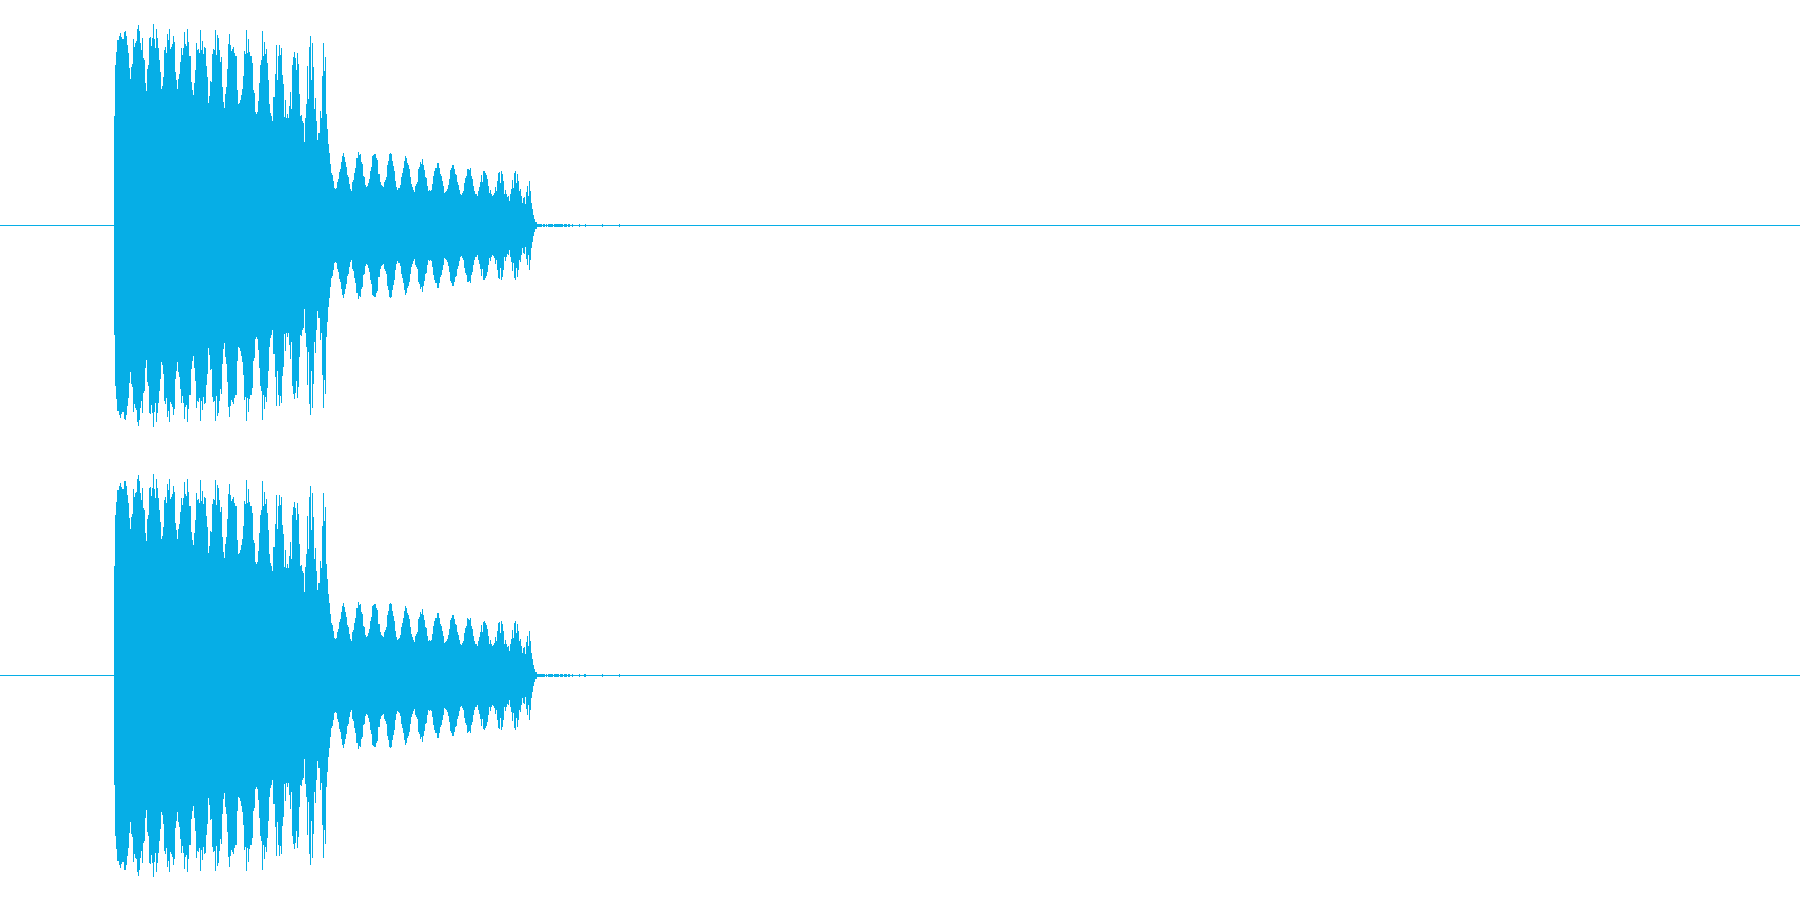 【GB 汎用02-03(ピッチ)】 の再生済みの波形